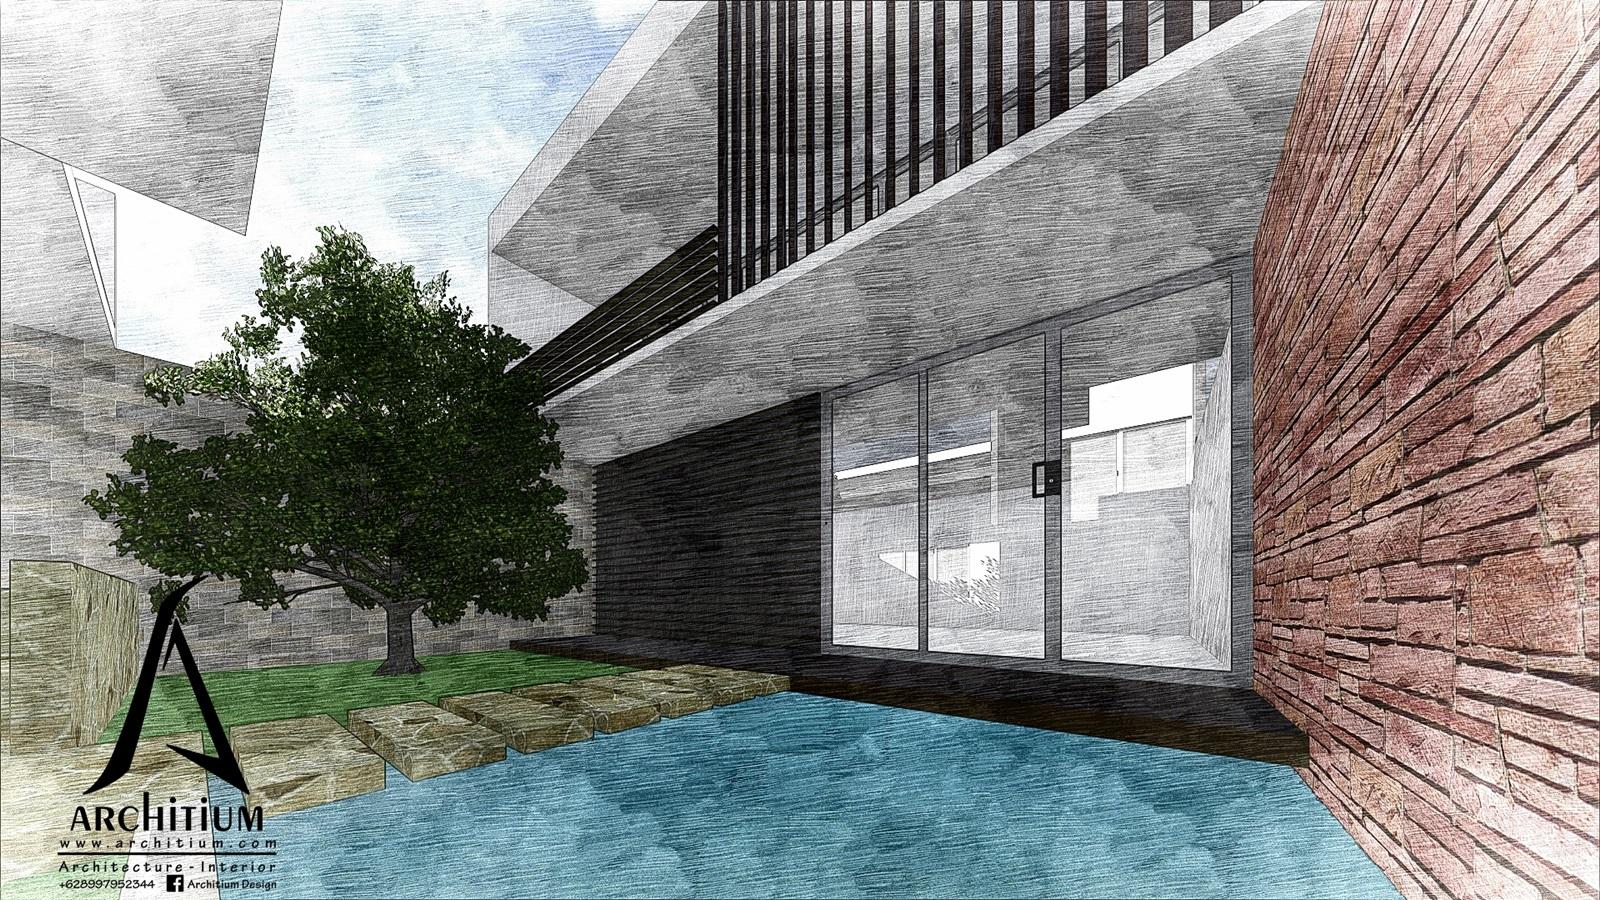 Architecture-House-Jakarta-Cijantung-Rumah Cijantung 2